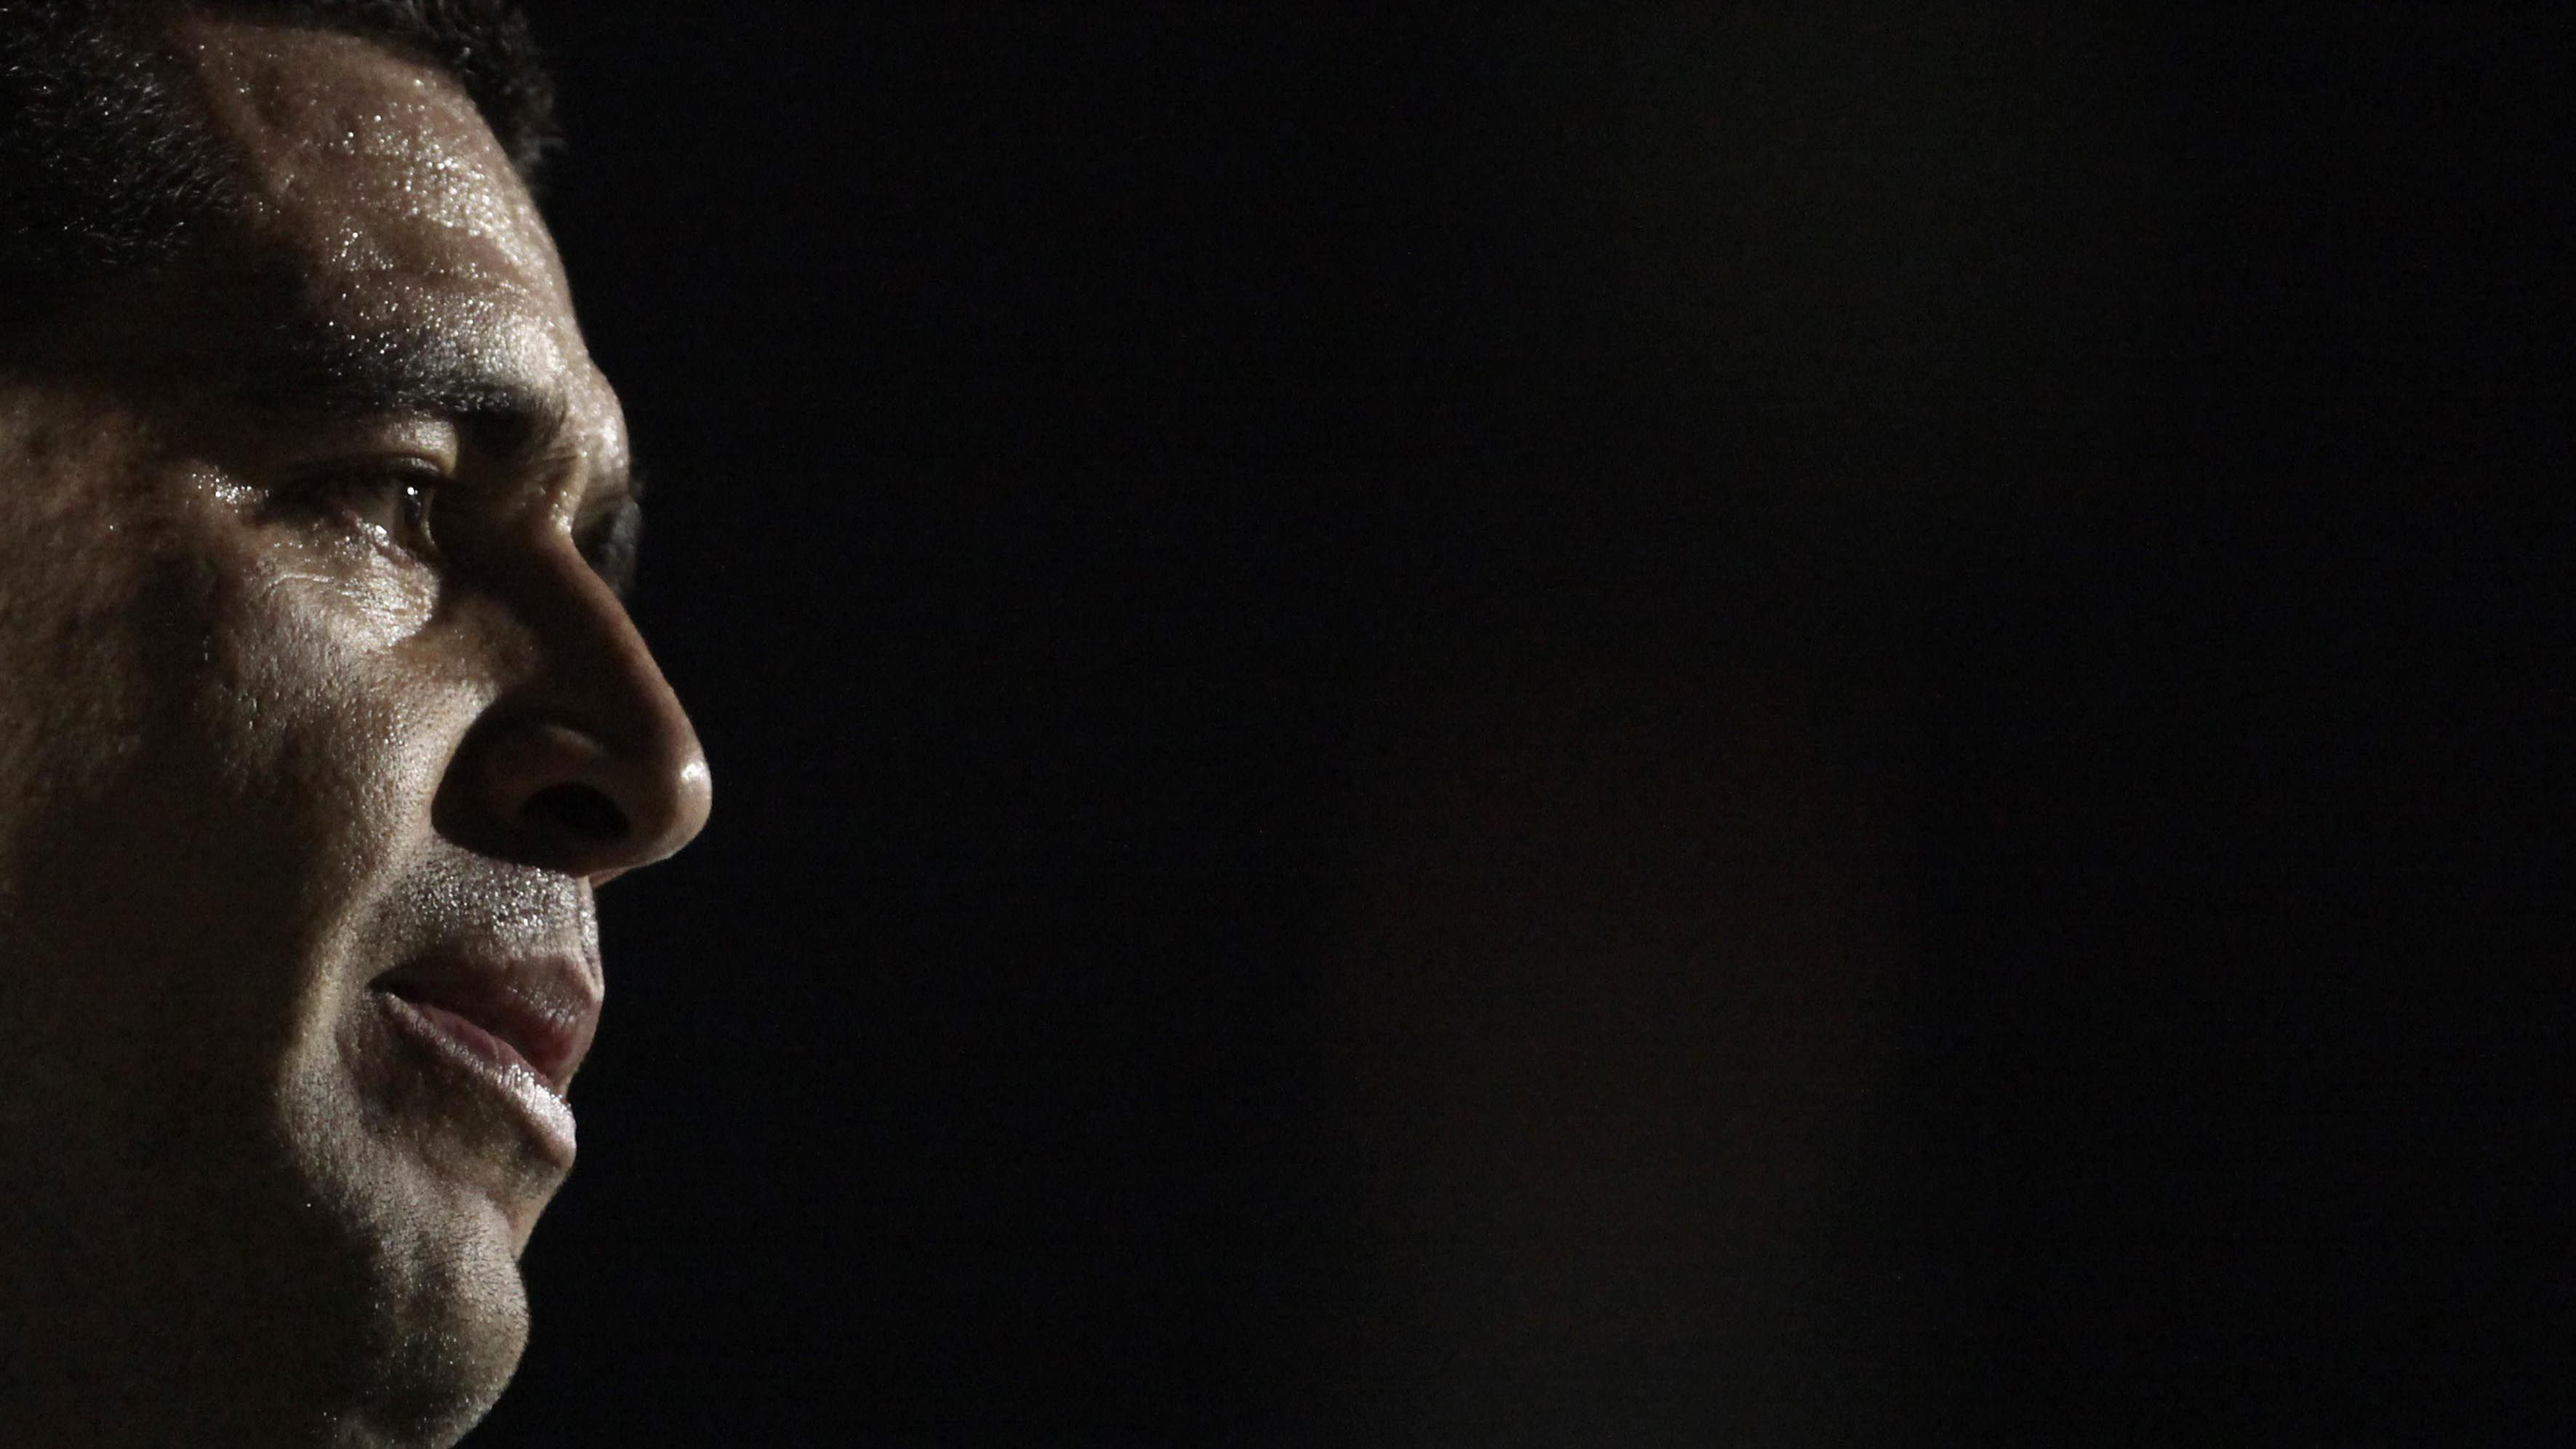 Riquelme en acción: hace campaña por Ameal, piensa en el nuevo entrenador y gestiona refuerzos (Foto AFP)